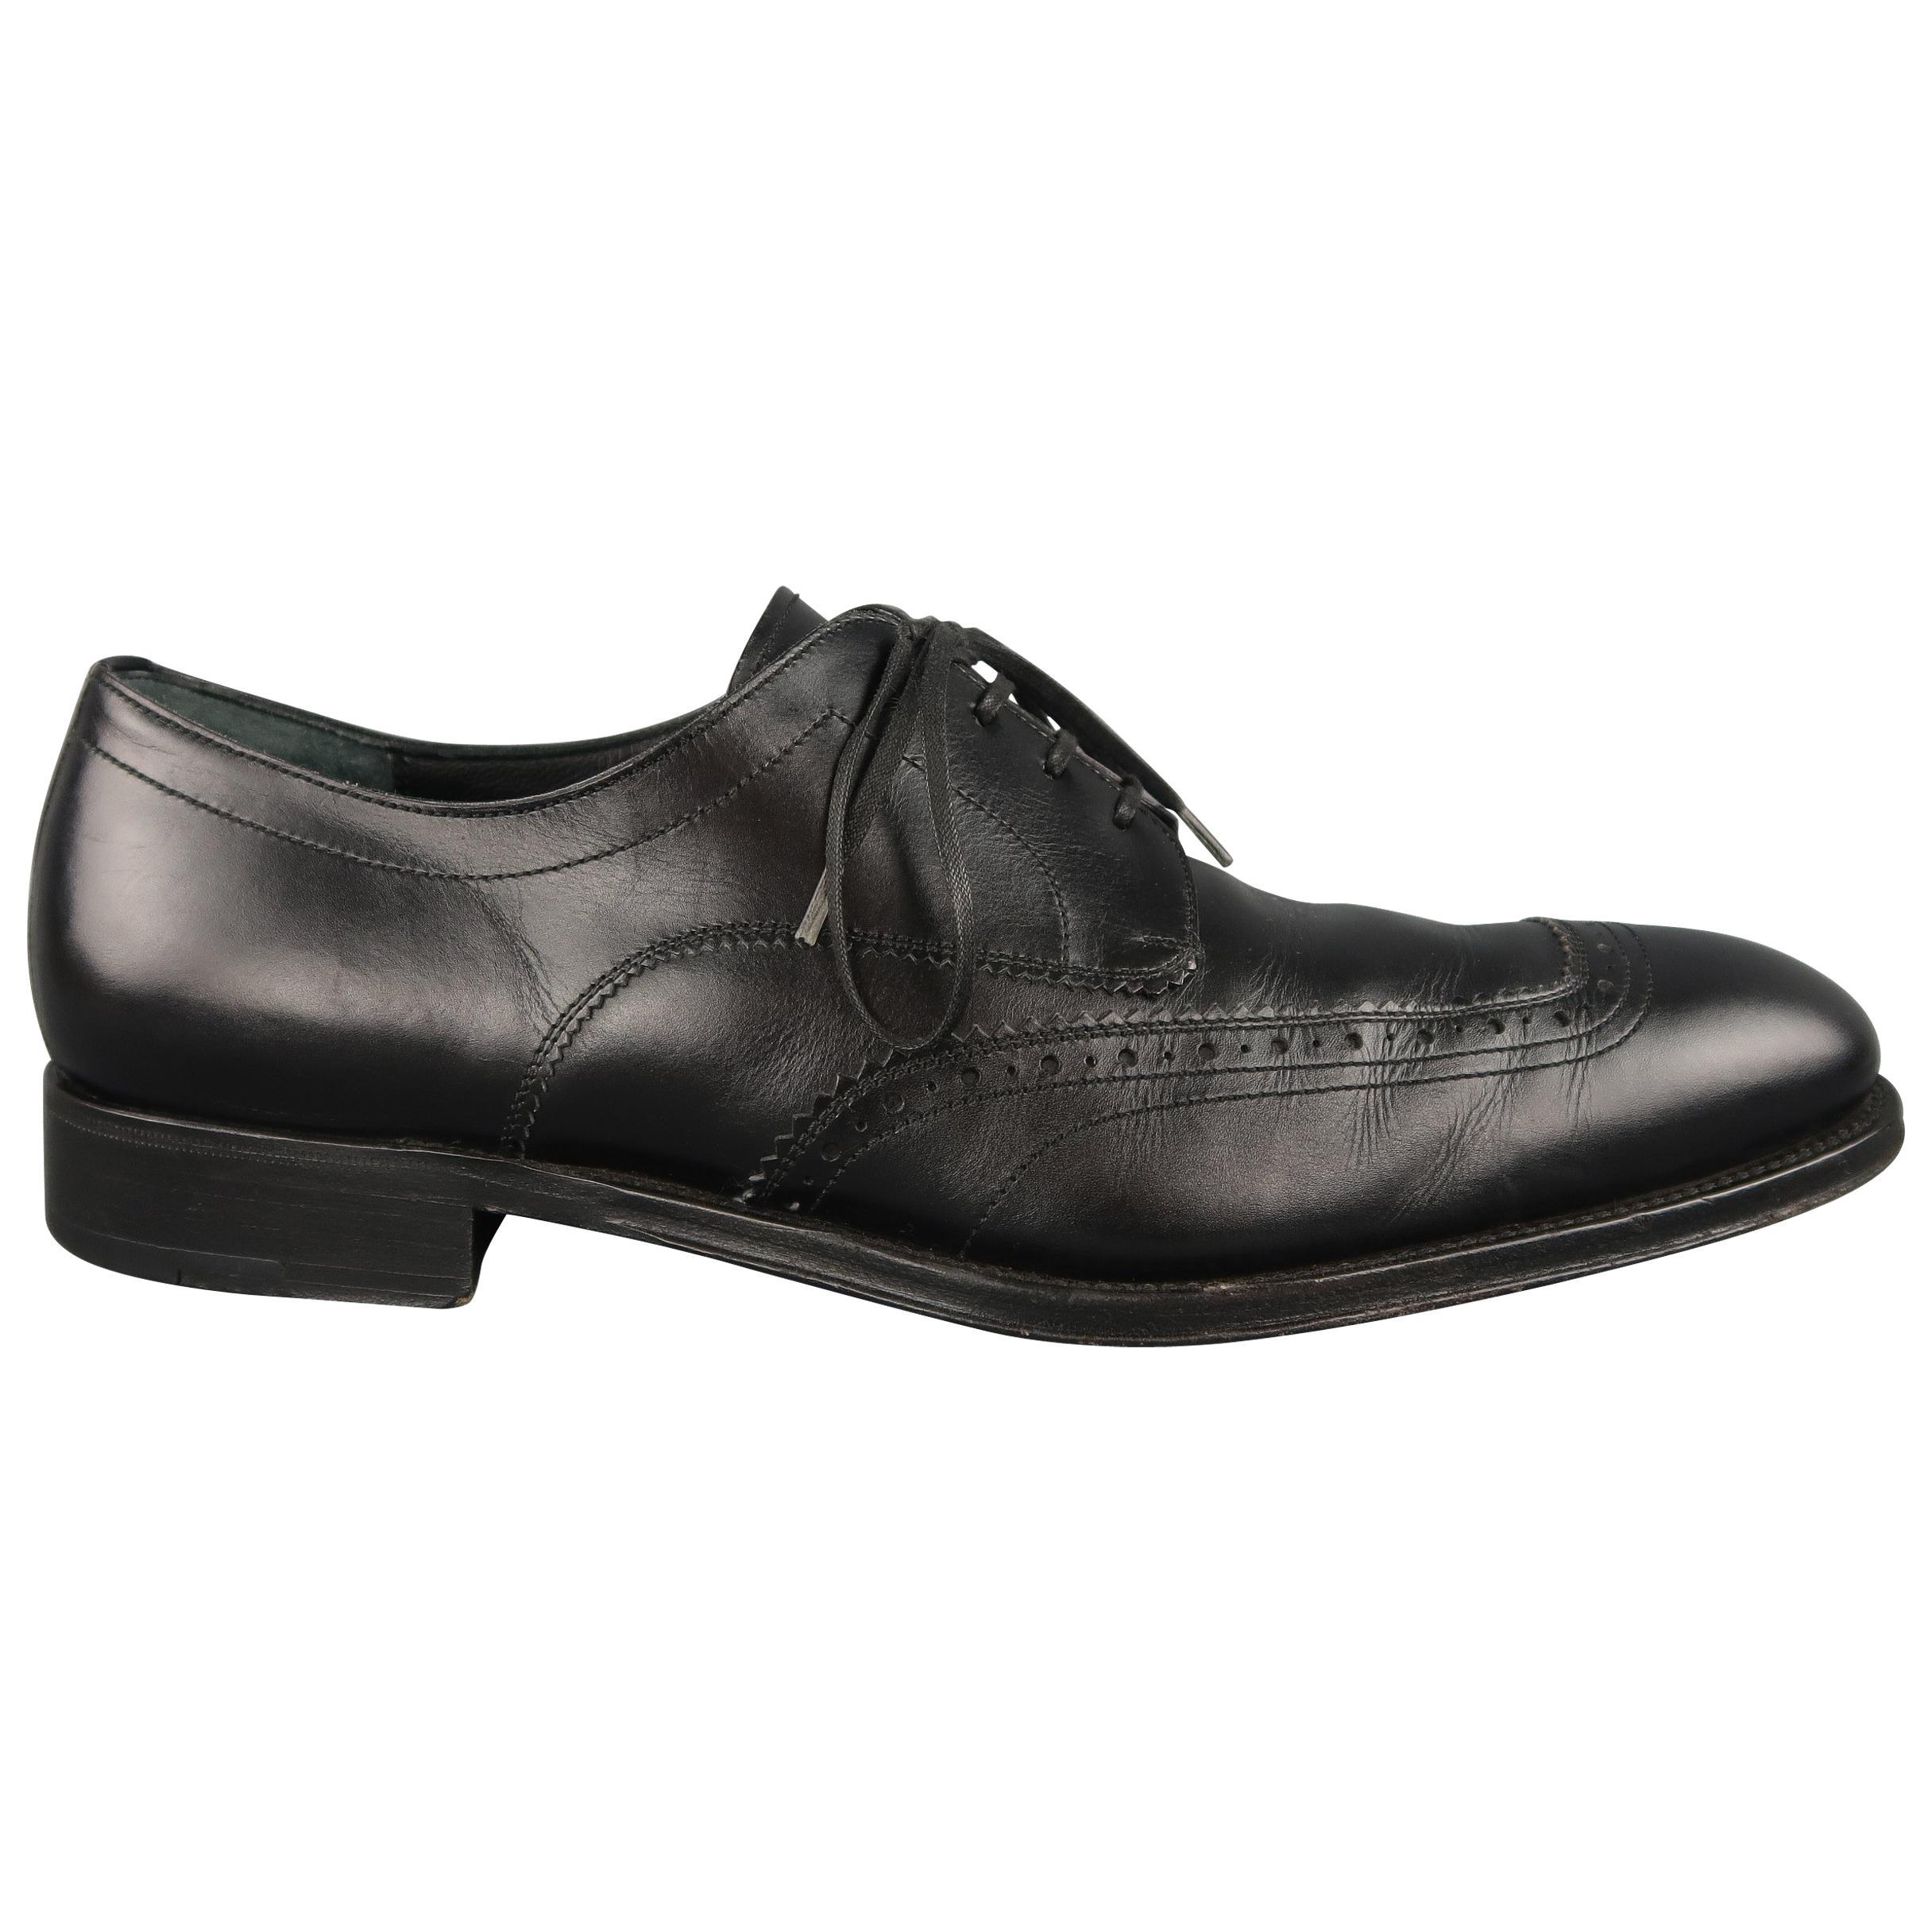 Salvatore Ferragamo Black Leather Brogue Lace Up Dress Shoes